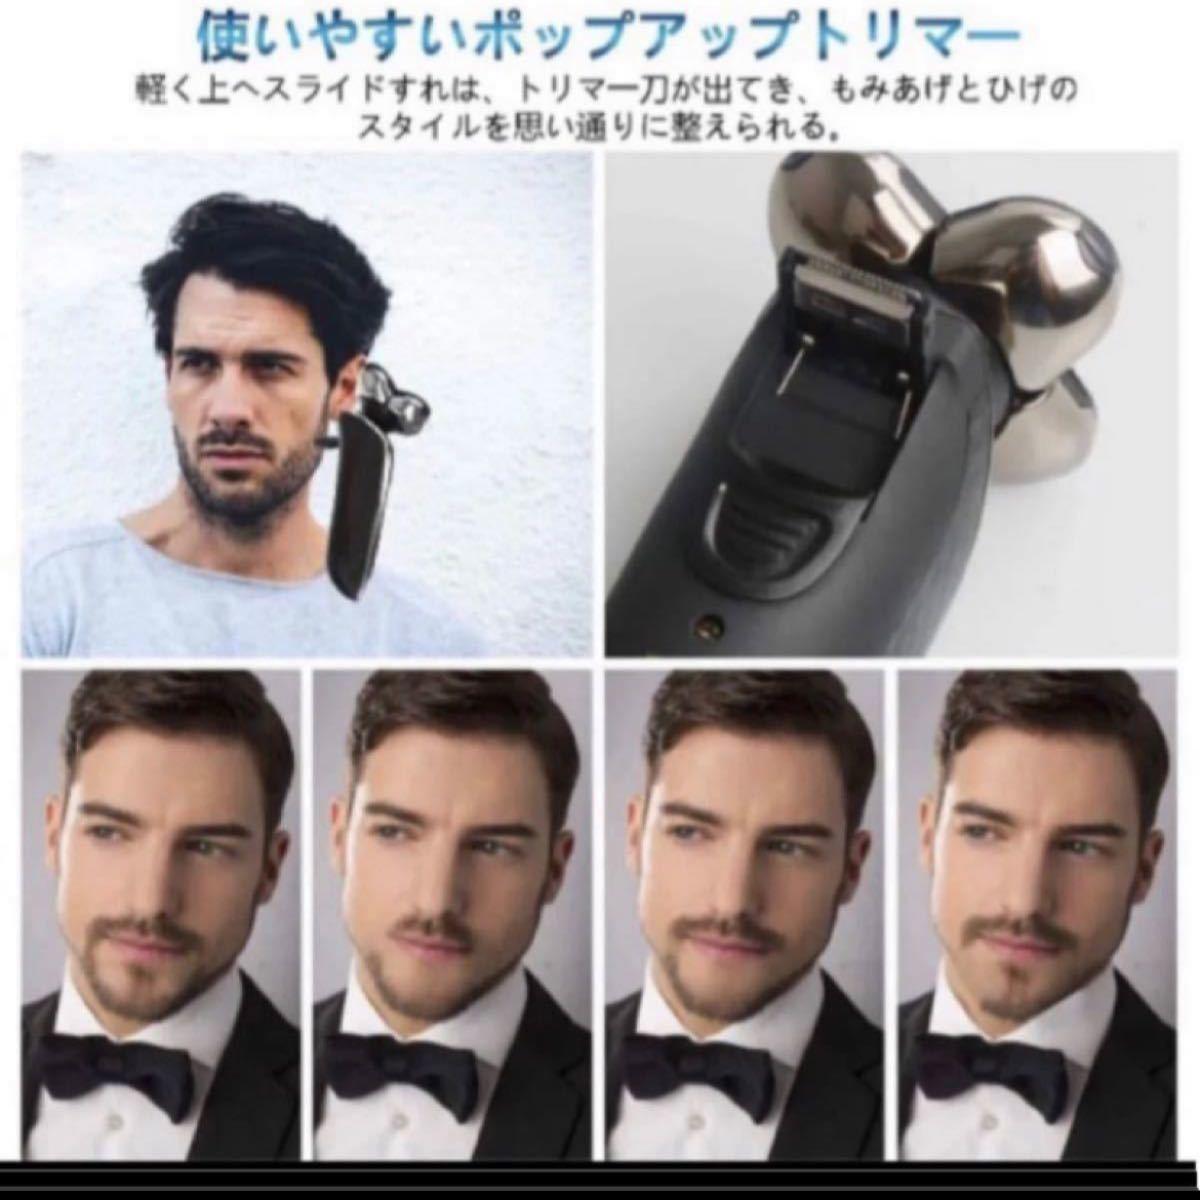 メンズ 電気シェーバー 5枚刃 髭剃り 電気カミソリ 5Dフローティングヘッド IPX7防水回転かみそり USB充電式